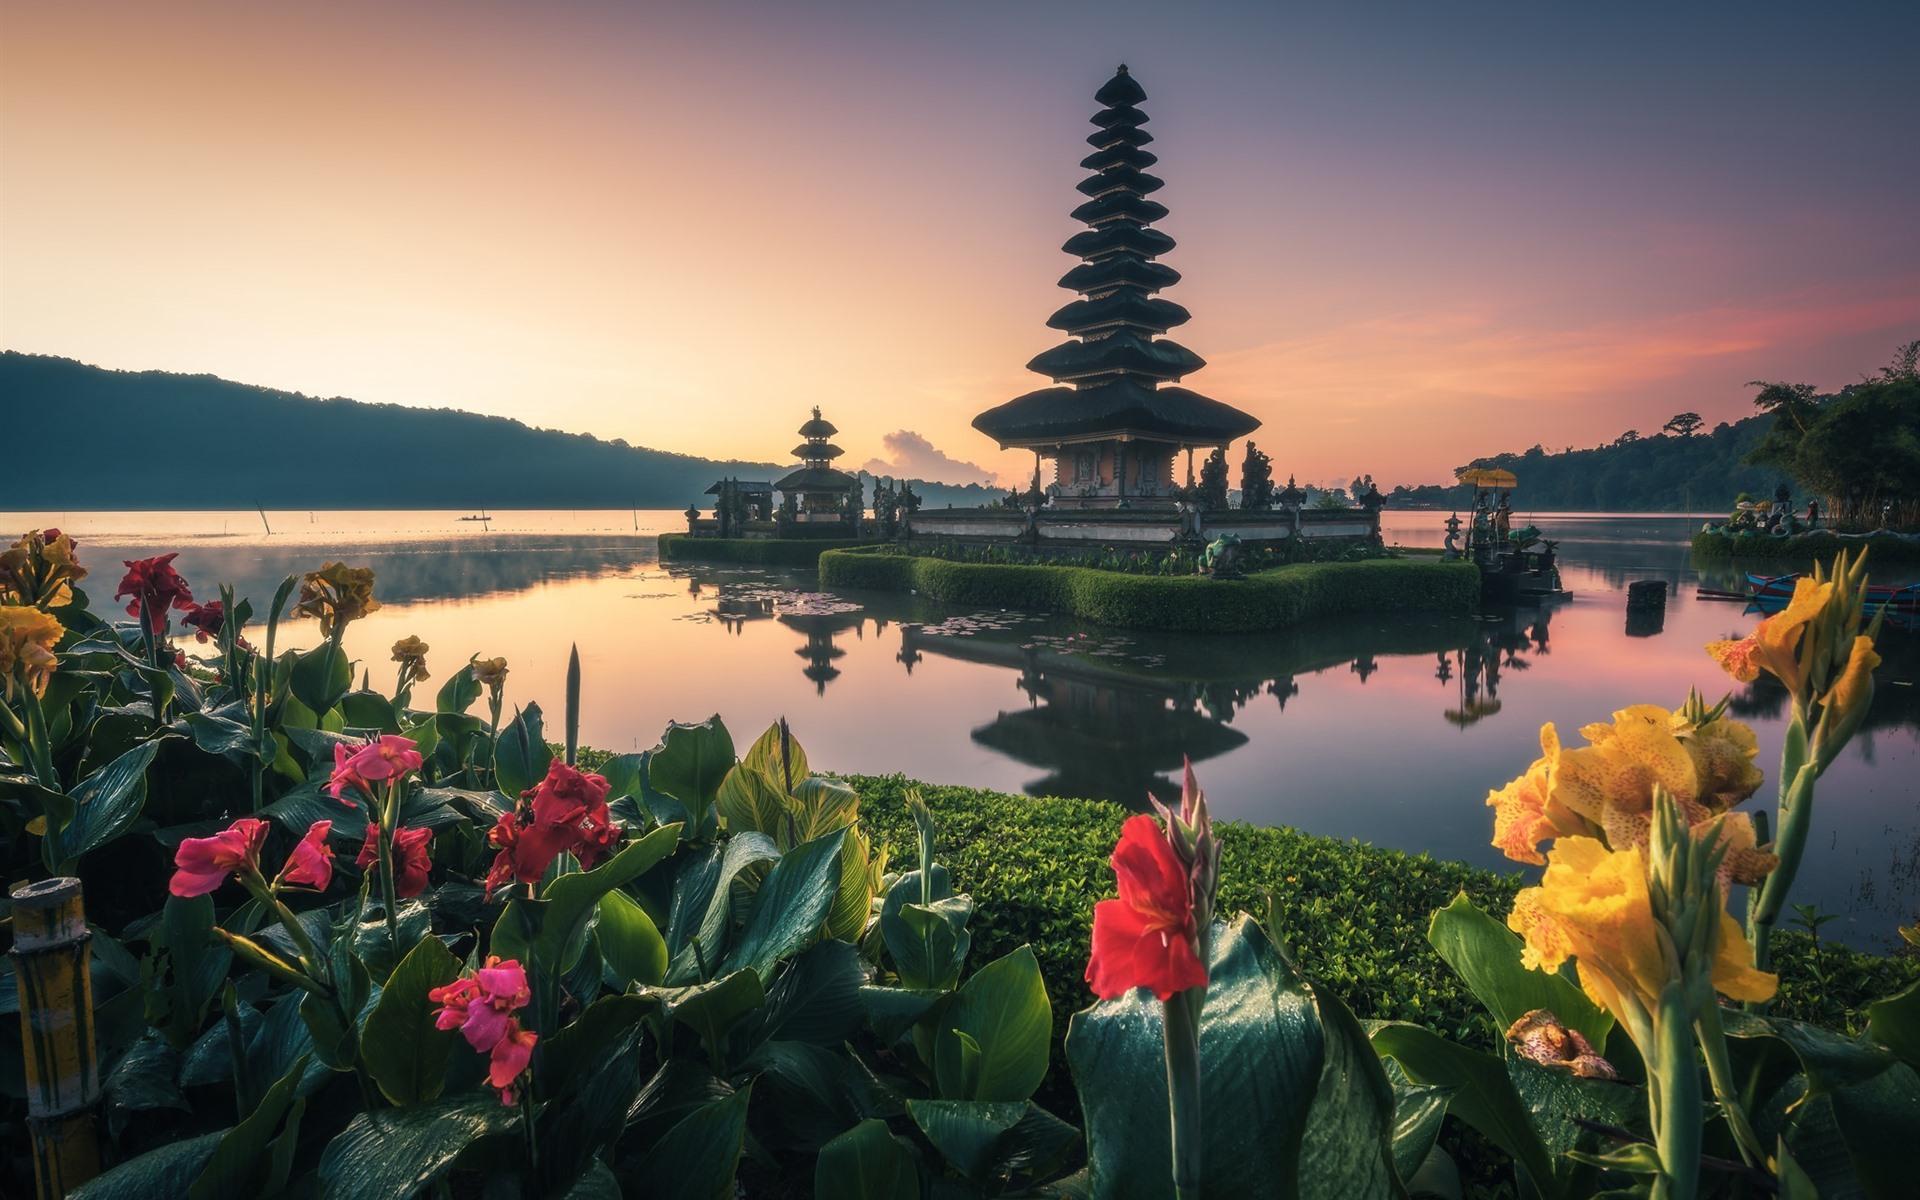 壁紙 バリ島 寺院 湖 花 インドネシア 1920x1200 Hd 無料の